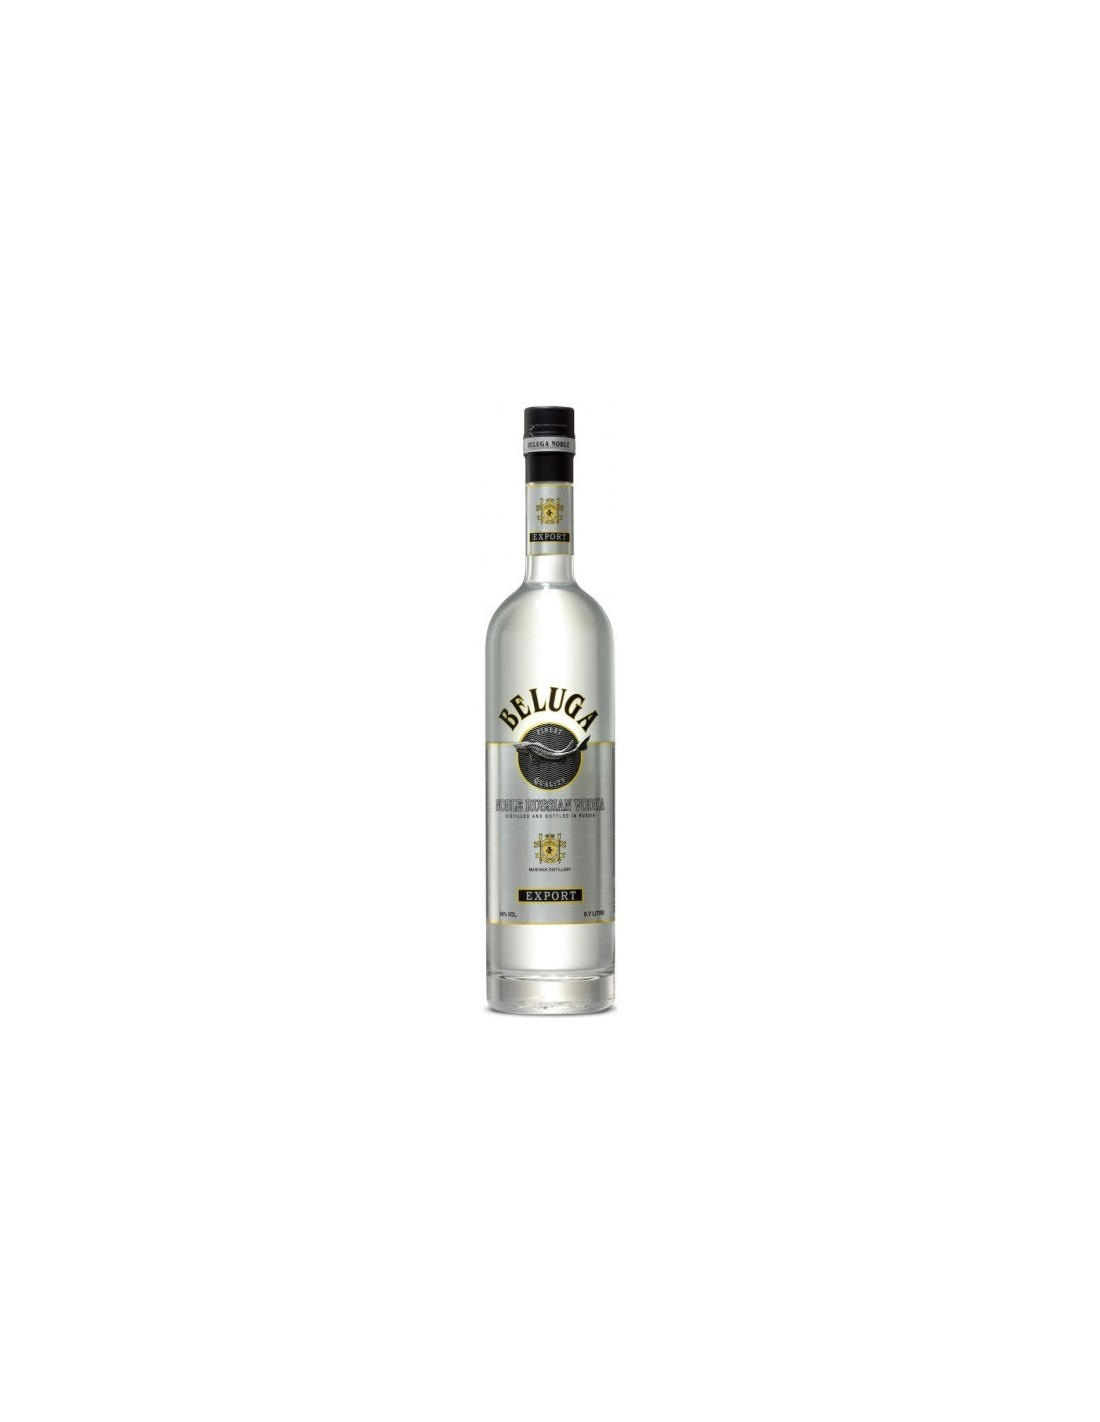 Vodca Beluga 0.7L, 40% alc., Rusia